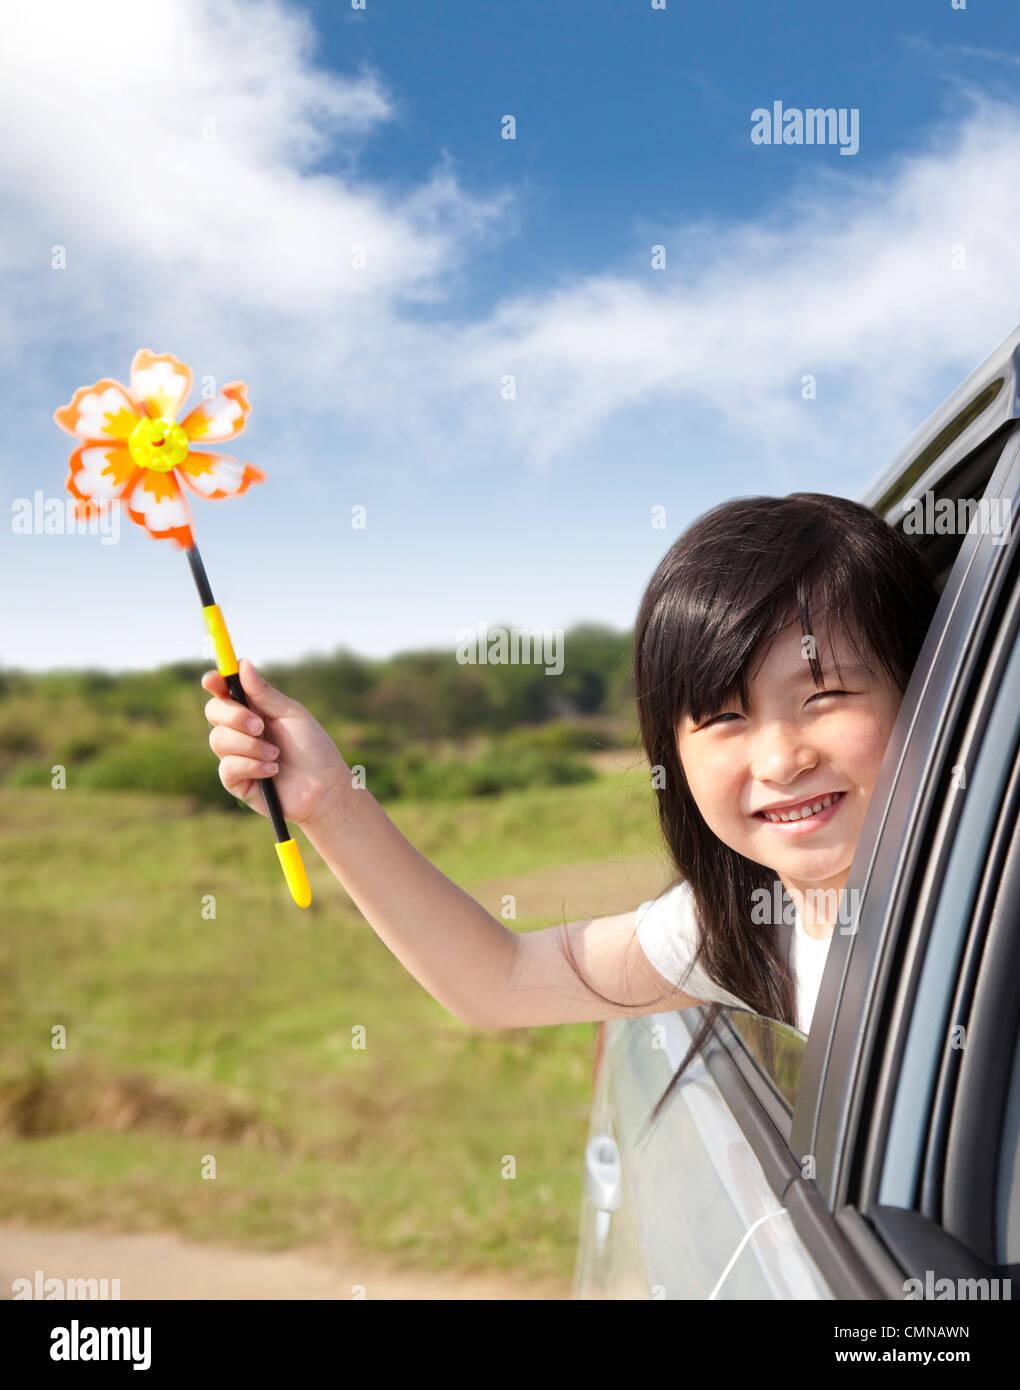 glückliche kleine Mädchen Holding Windmühle im Auto Stockbild